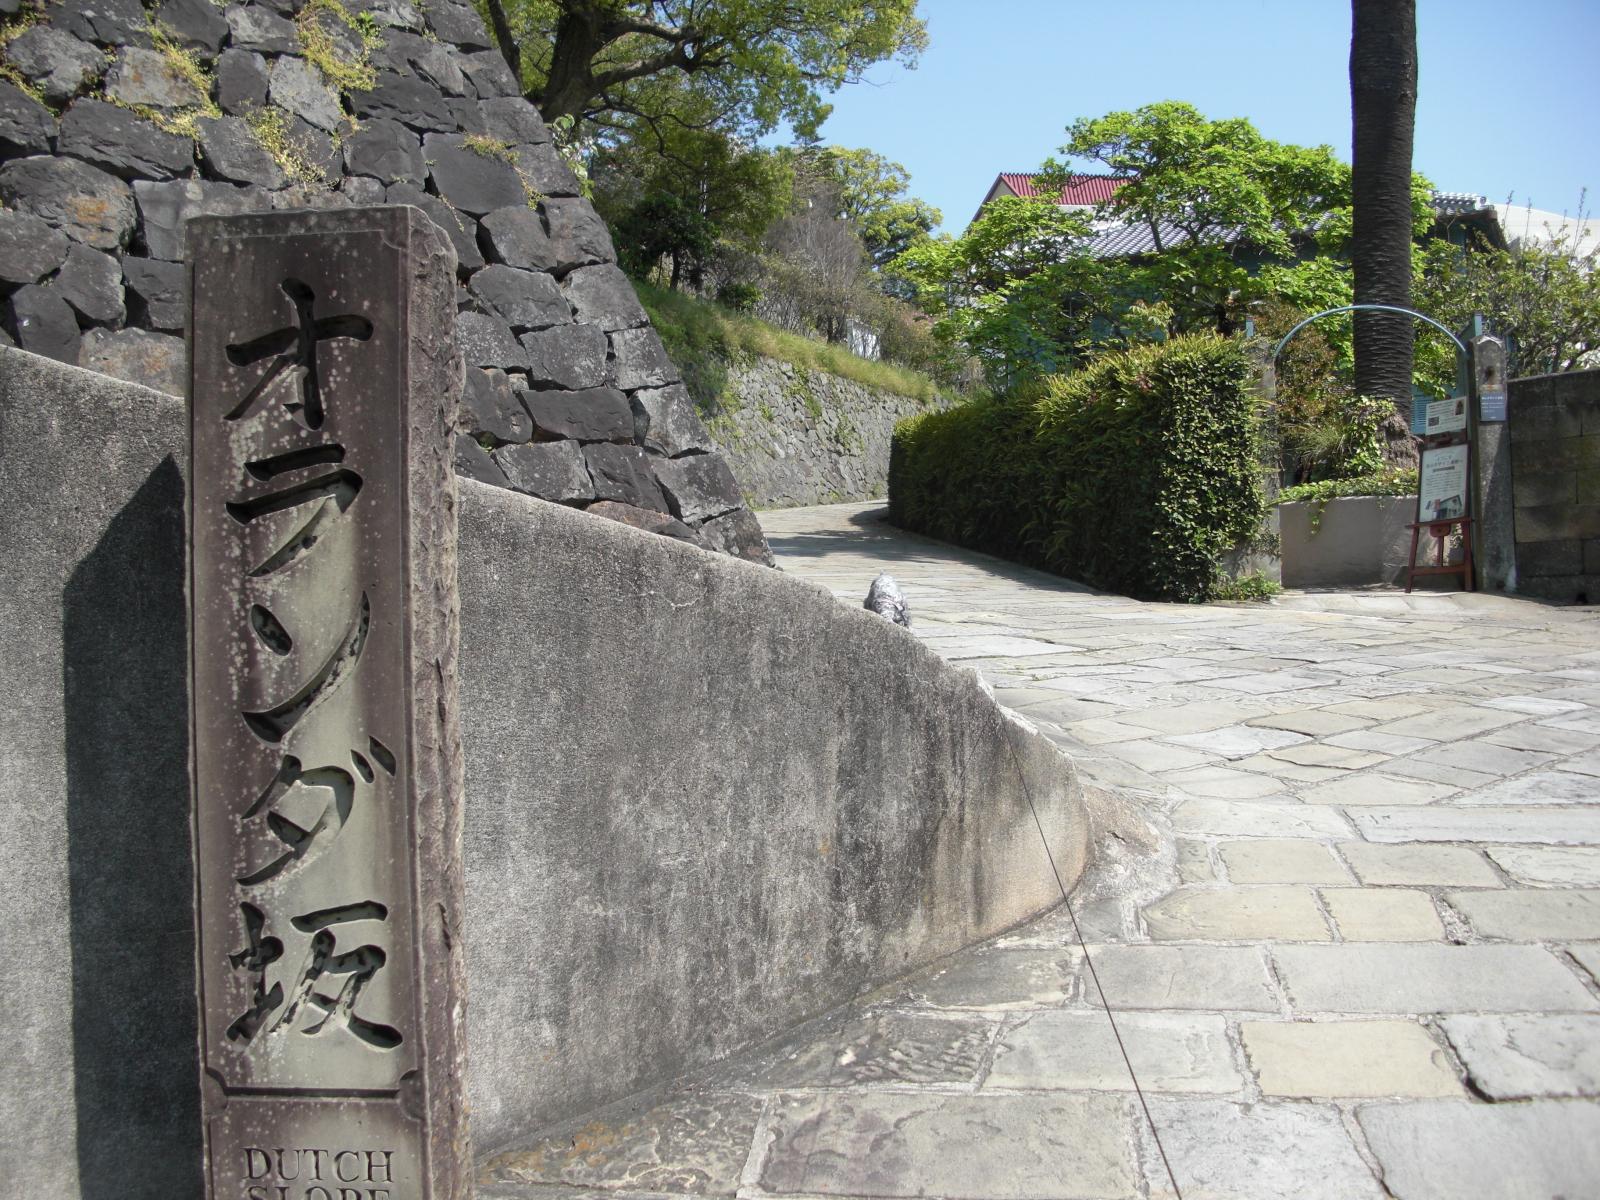 長崎のオランダ坂散策で異国情緒を楽しむ!お土産やランチも紹介!